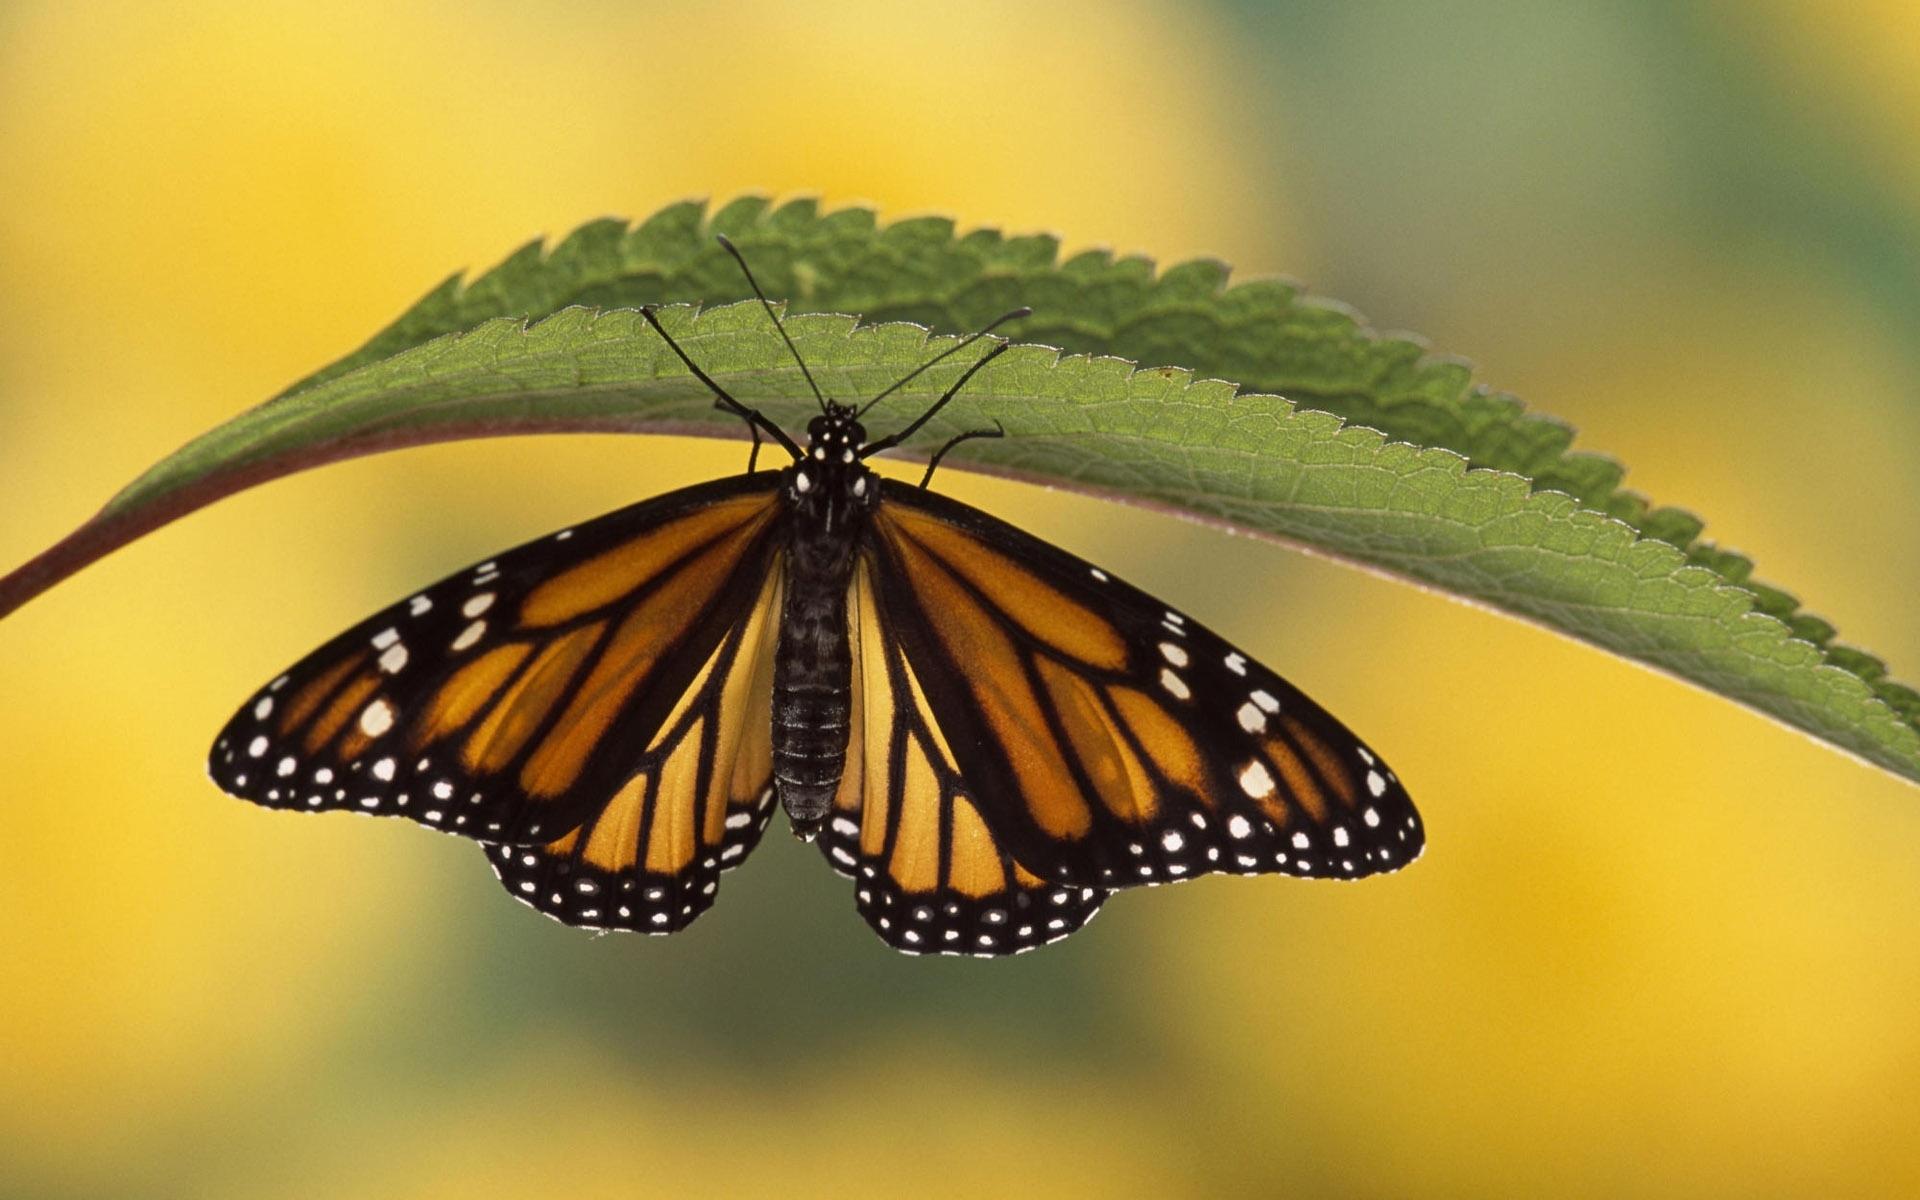 привлекали всегда, фото бабочек высокого качества реже, днем